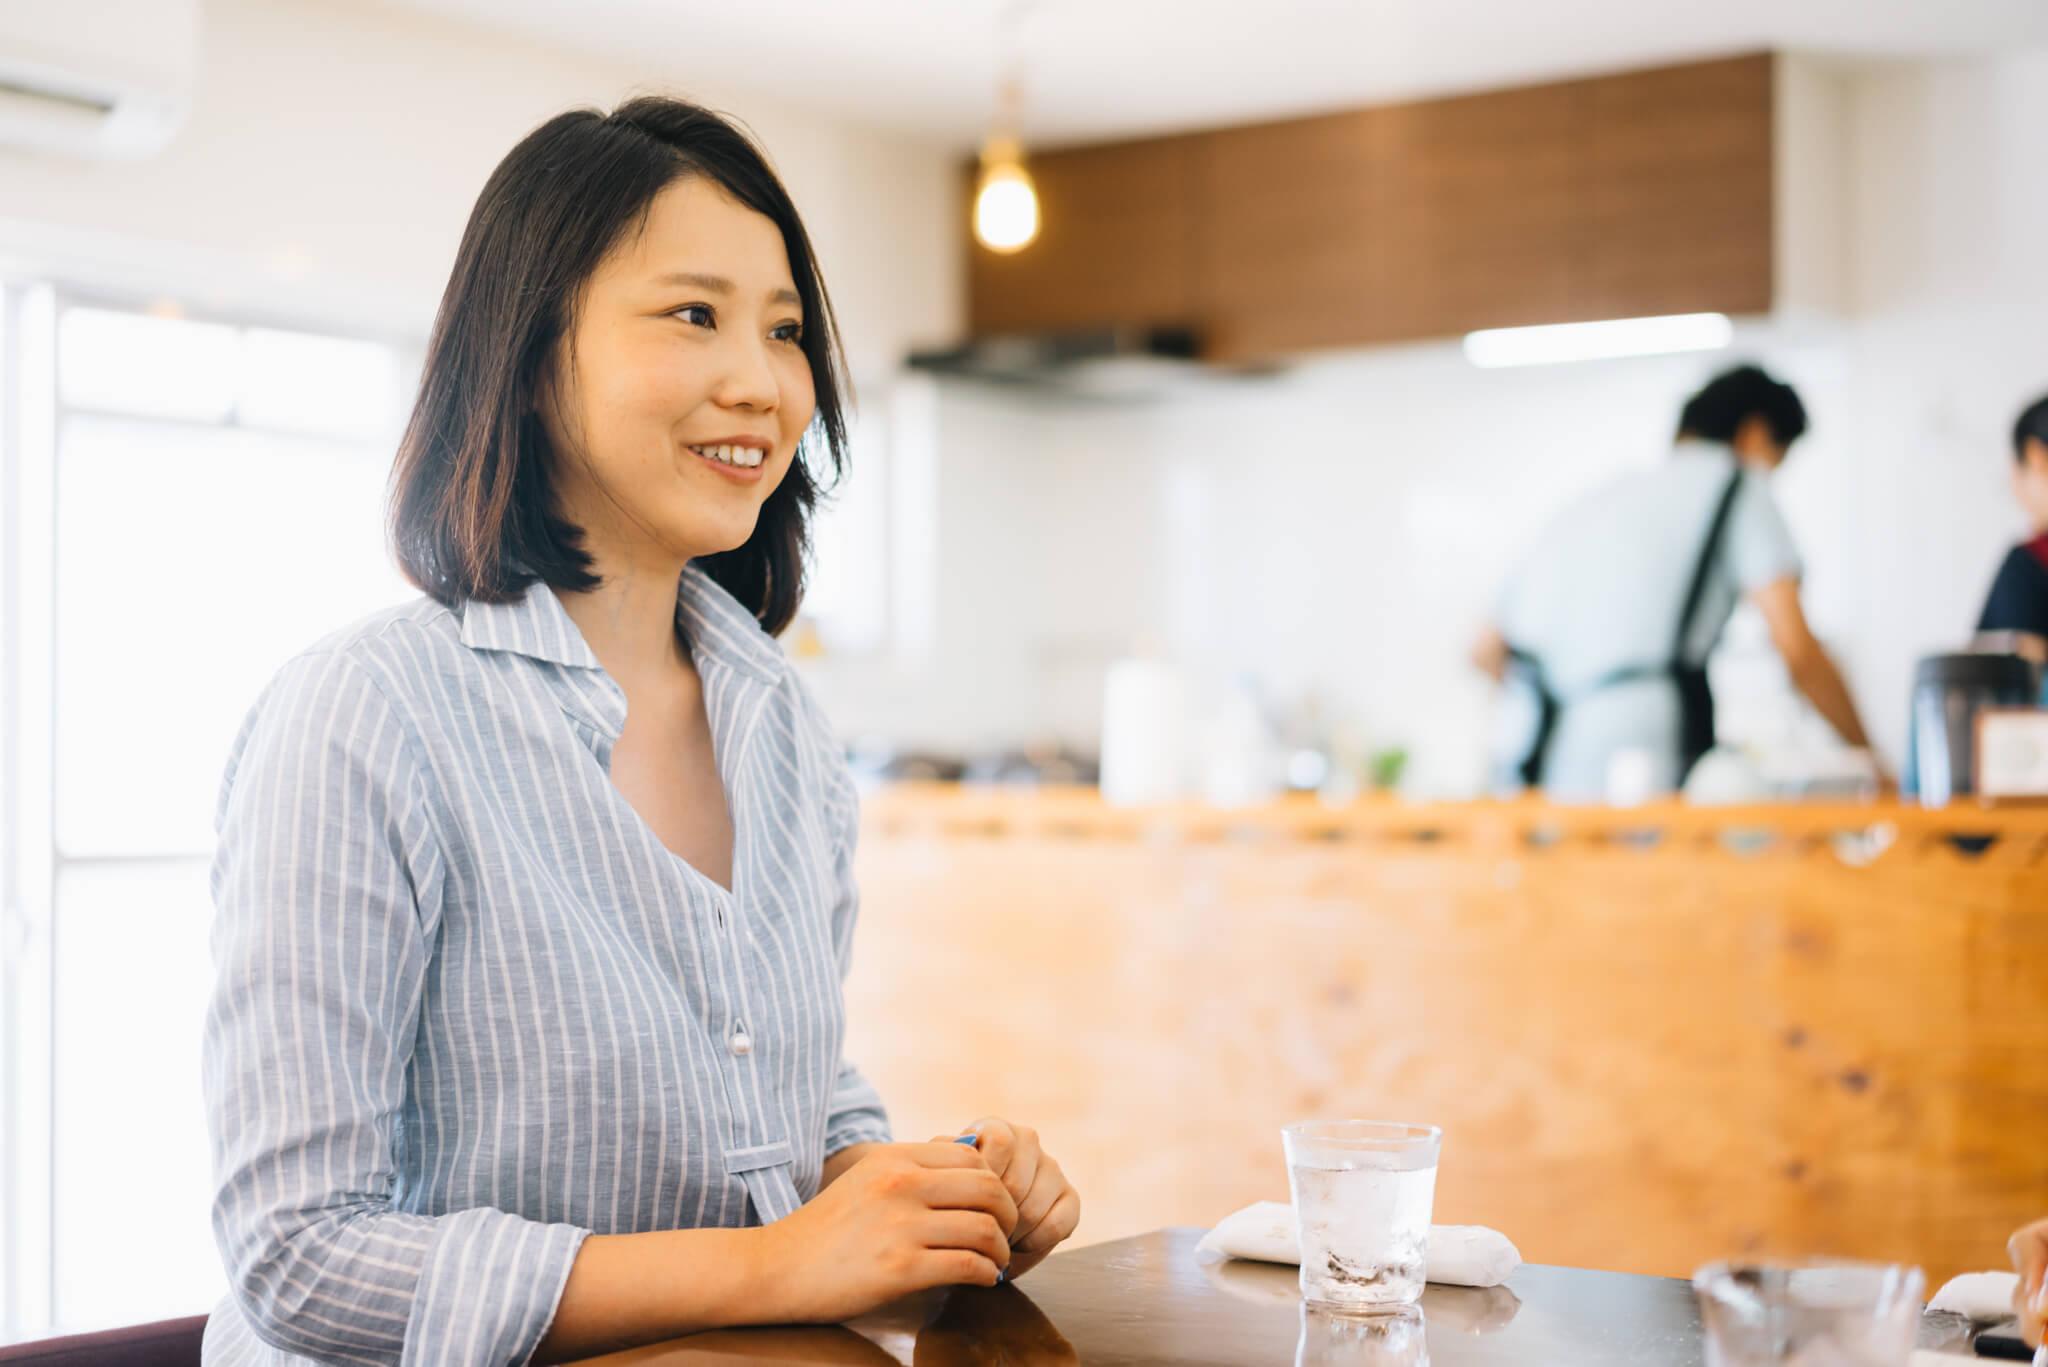 鮎川さんご自身のご経歴もとってもユニーク。東日本大震災をきっかけに「雇用を作ろう」と単身上京、まったくの未経験から、不動産仲介業をスタート。広告に頼らず、人のクチコミとリピーターさんを中心に経営しているユニークな不動産屋さんです。